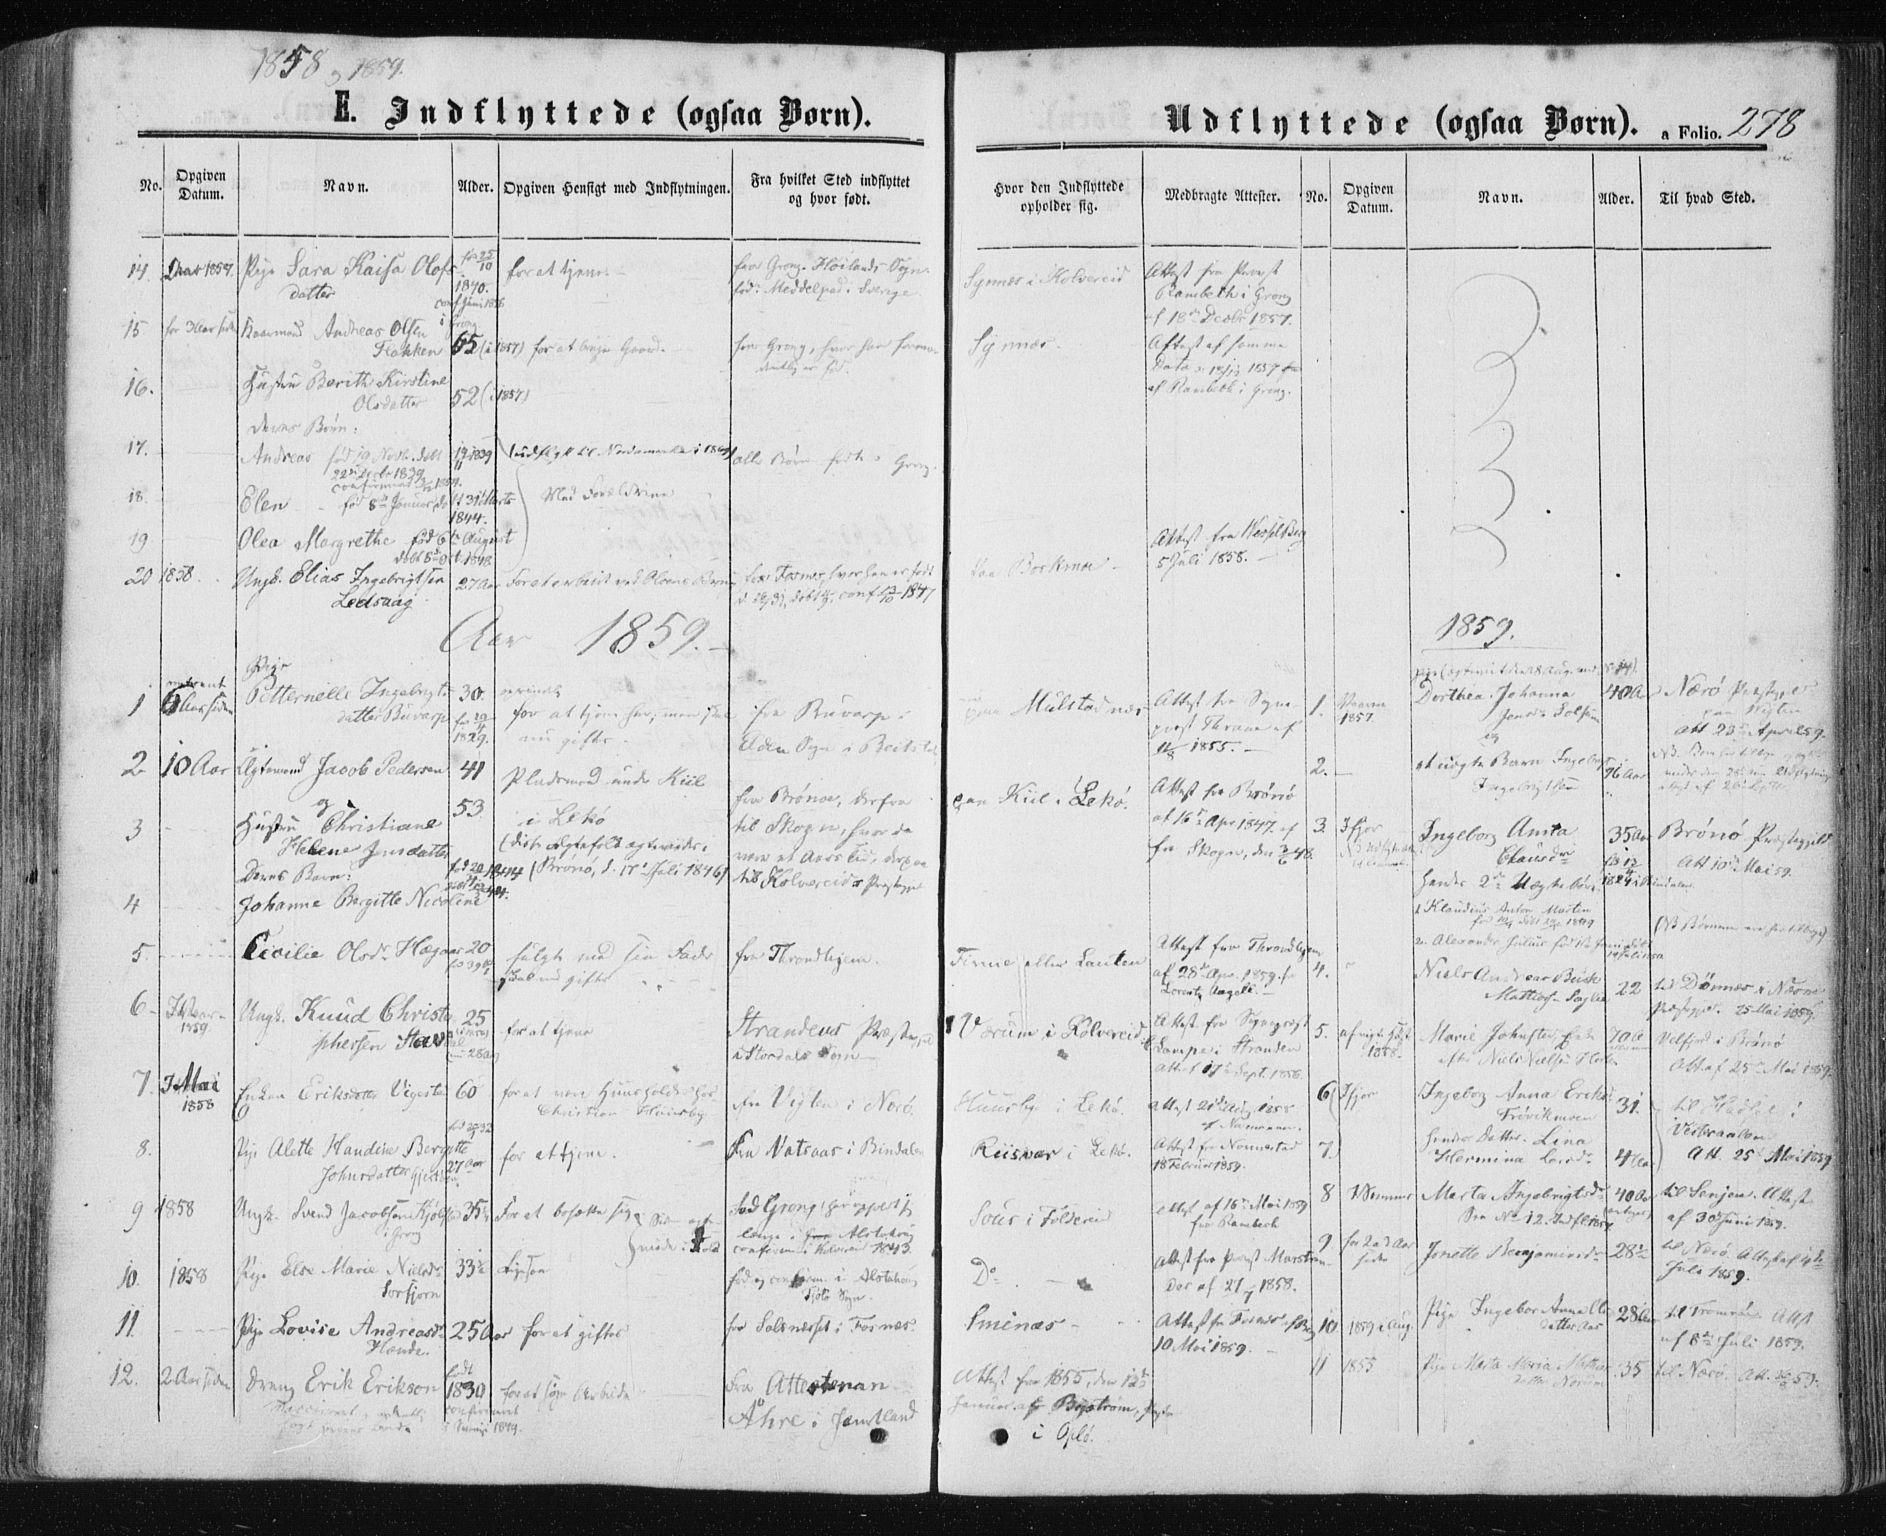 SAT, Ministerialprotokoller, klokkerbøker og fødselsregistre - Nord-Trøndelag, 780/L0641: Ministerialbok nr. 780A06, 1857-1874, s. 278